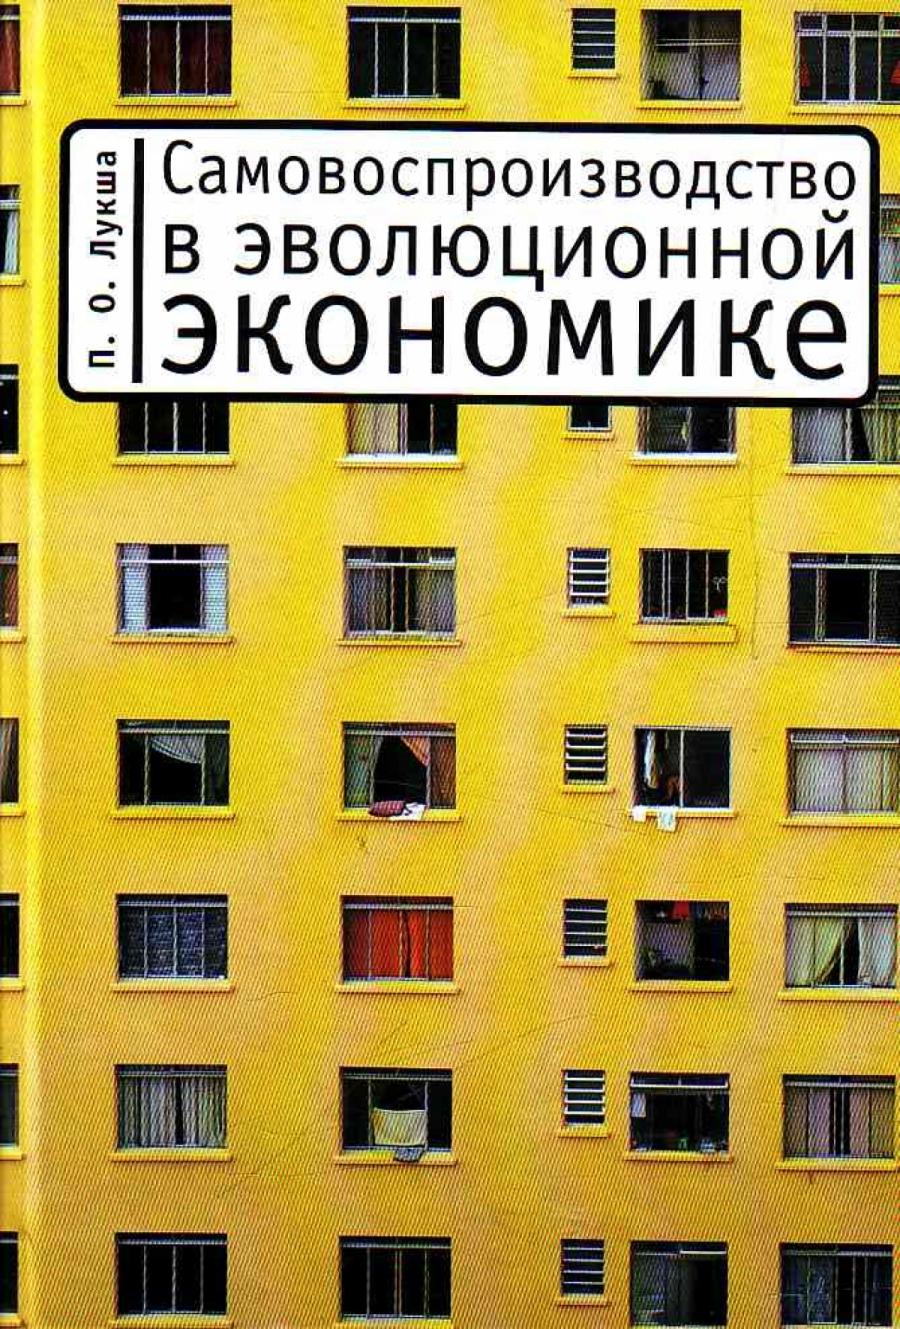 Обложка книги:  лукша п.о. - самовоспроизводство в эволюционной экономике